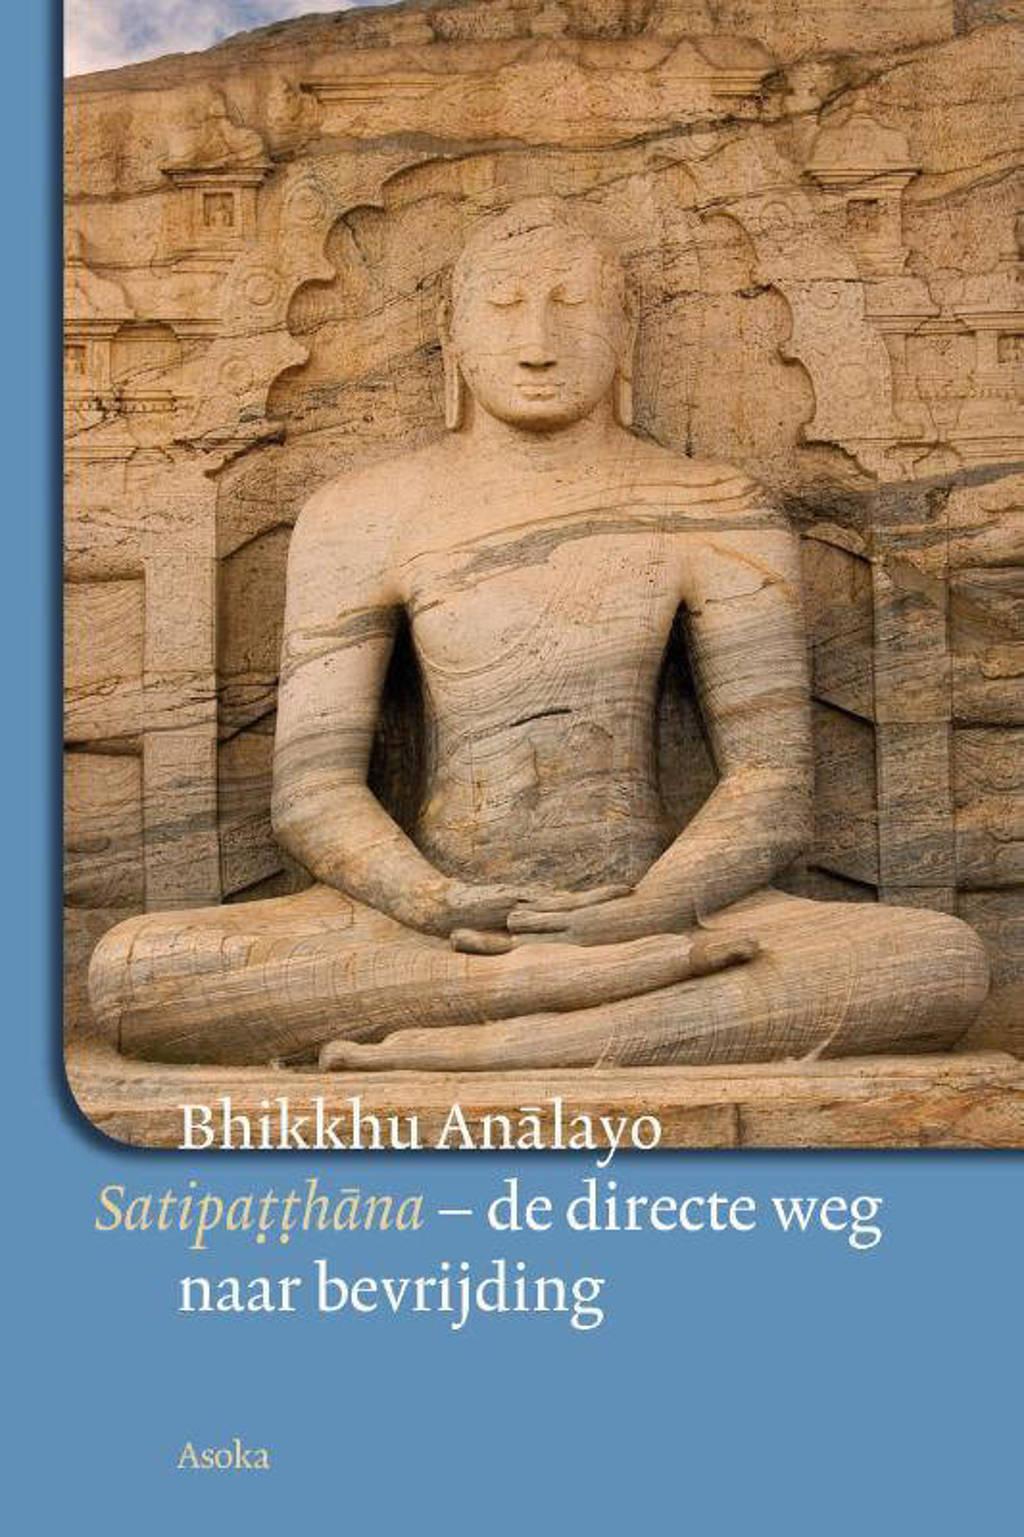 Satipatthana - Bhikkhu Analayo